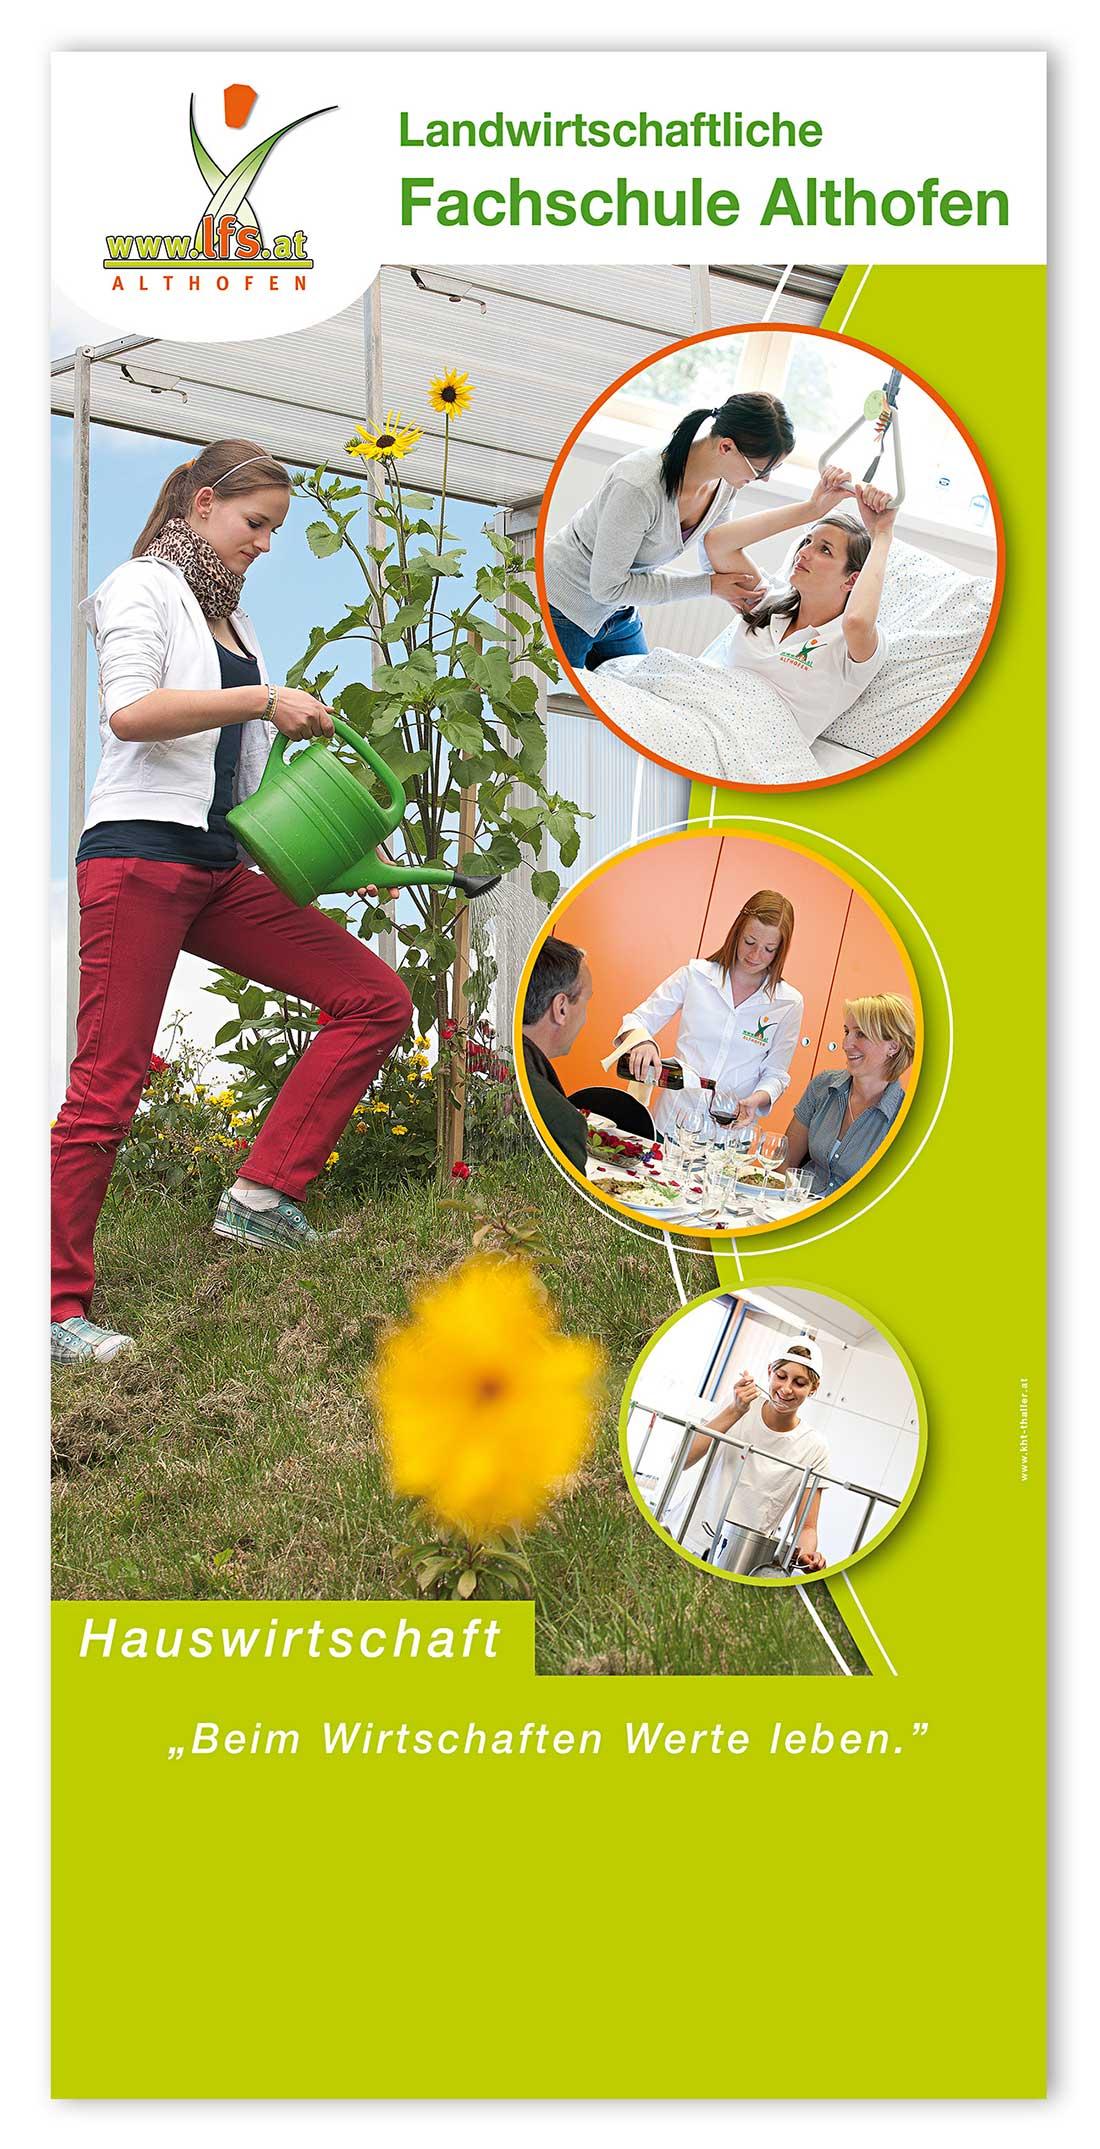 Corporate Design Landwirtschaftliche Fachschule Althofen